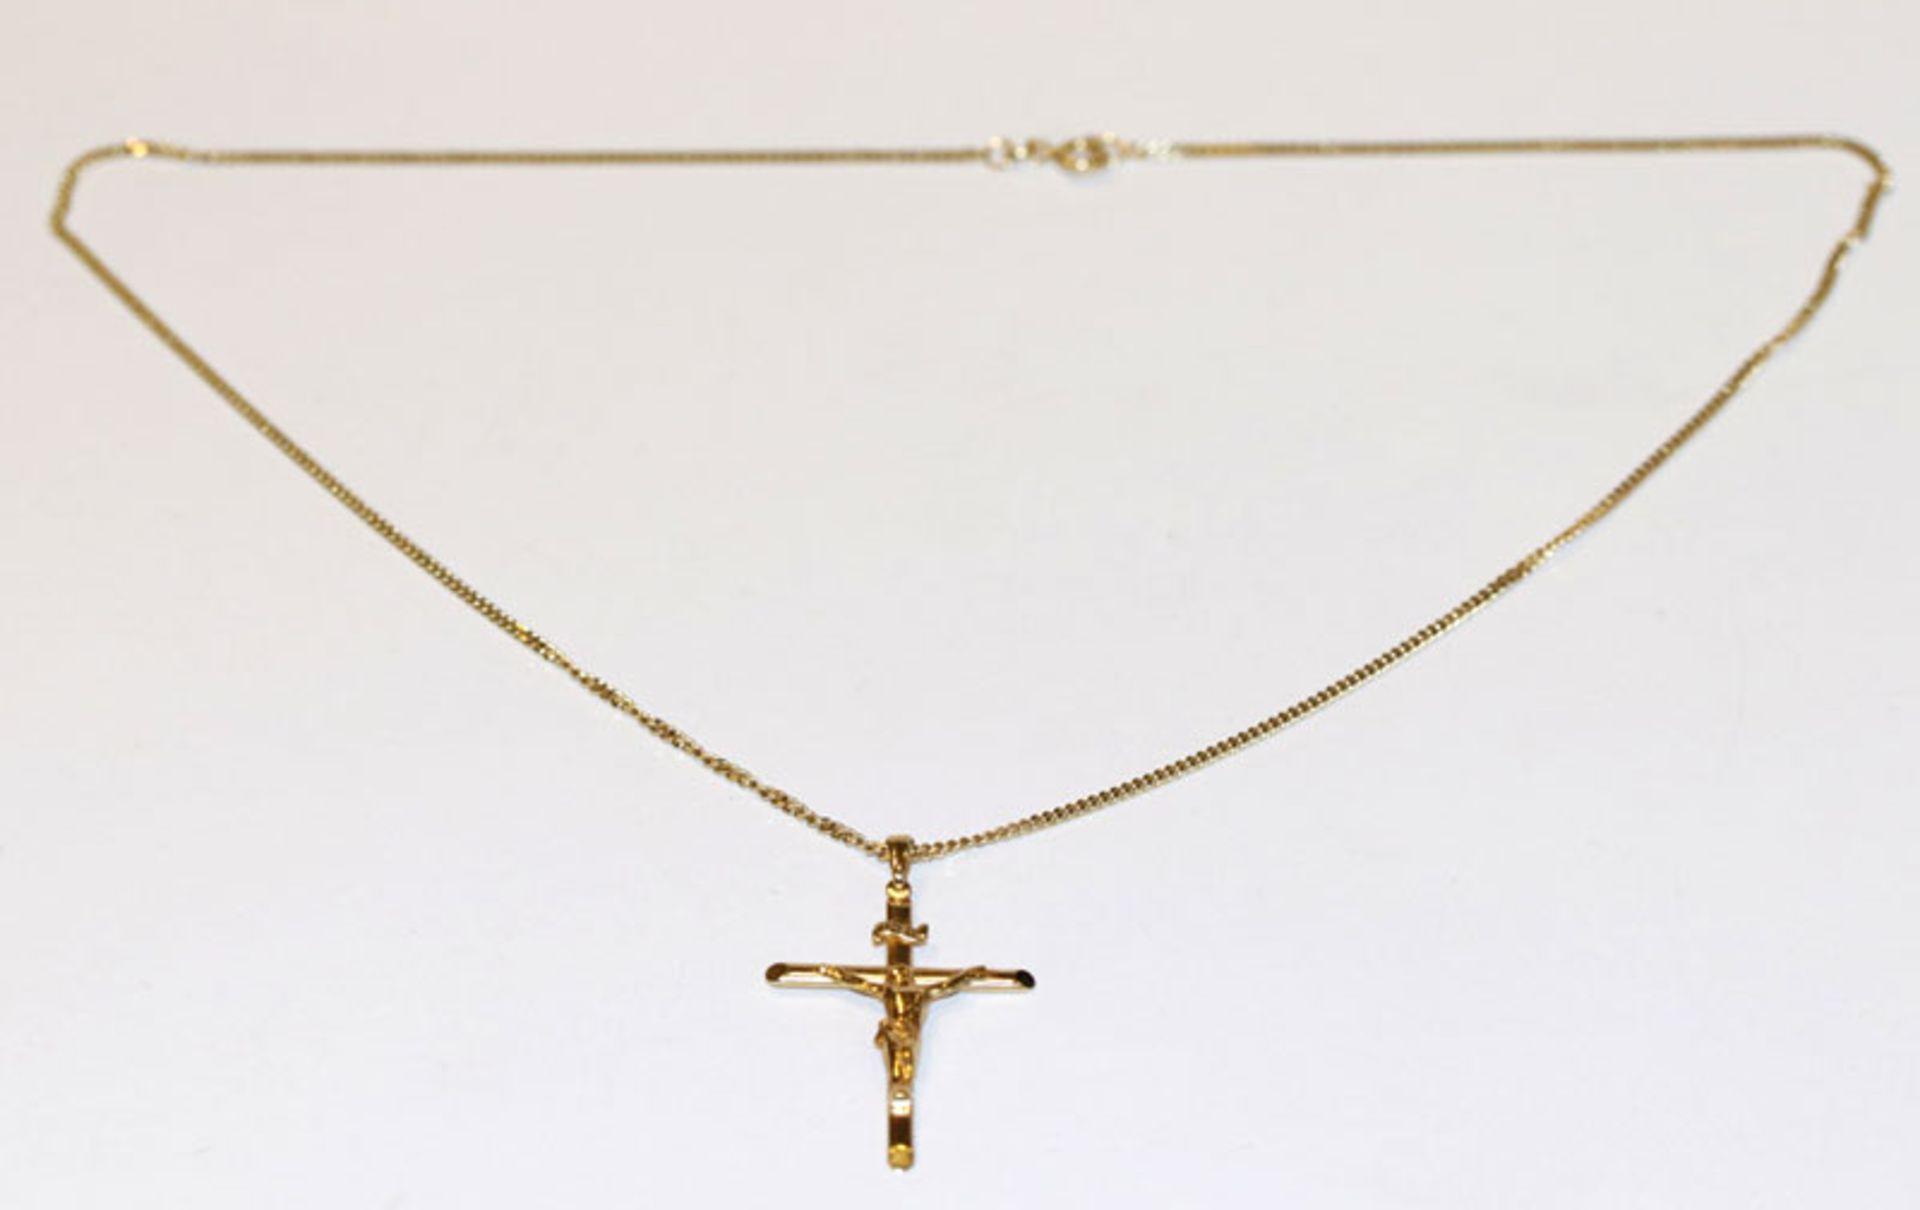 8 k Gelbgold Kreuzanhänger mit plastischem Korpus, L 4 cm, an Kette, L 48 cm, 6,3 gr.